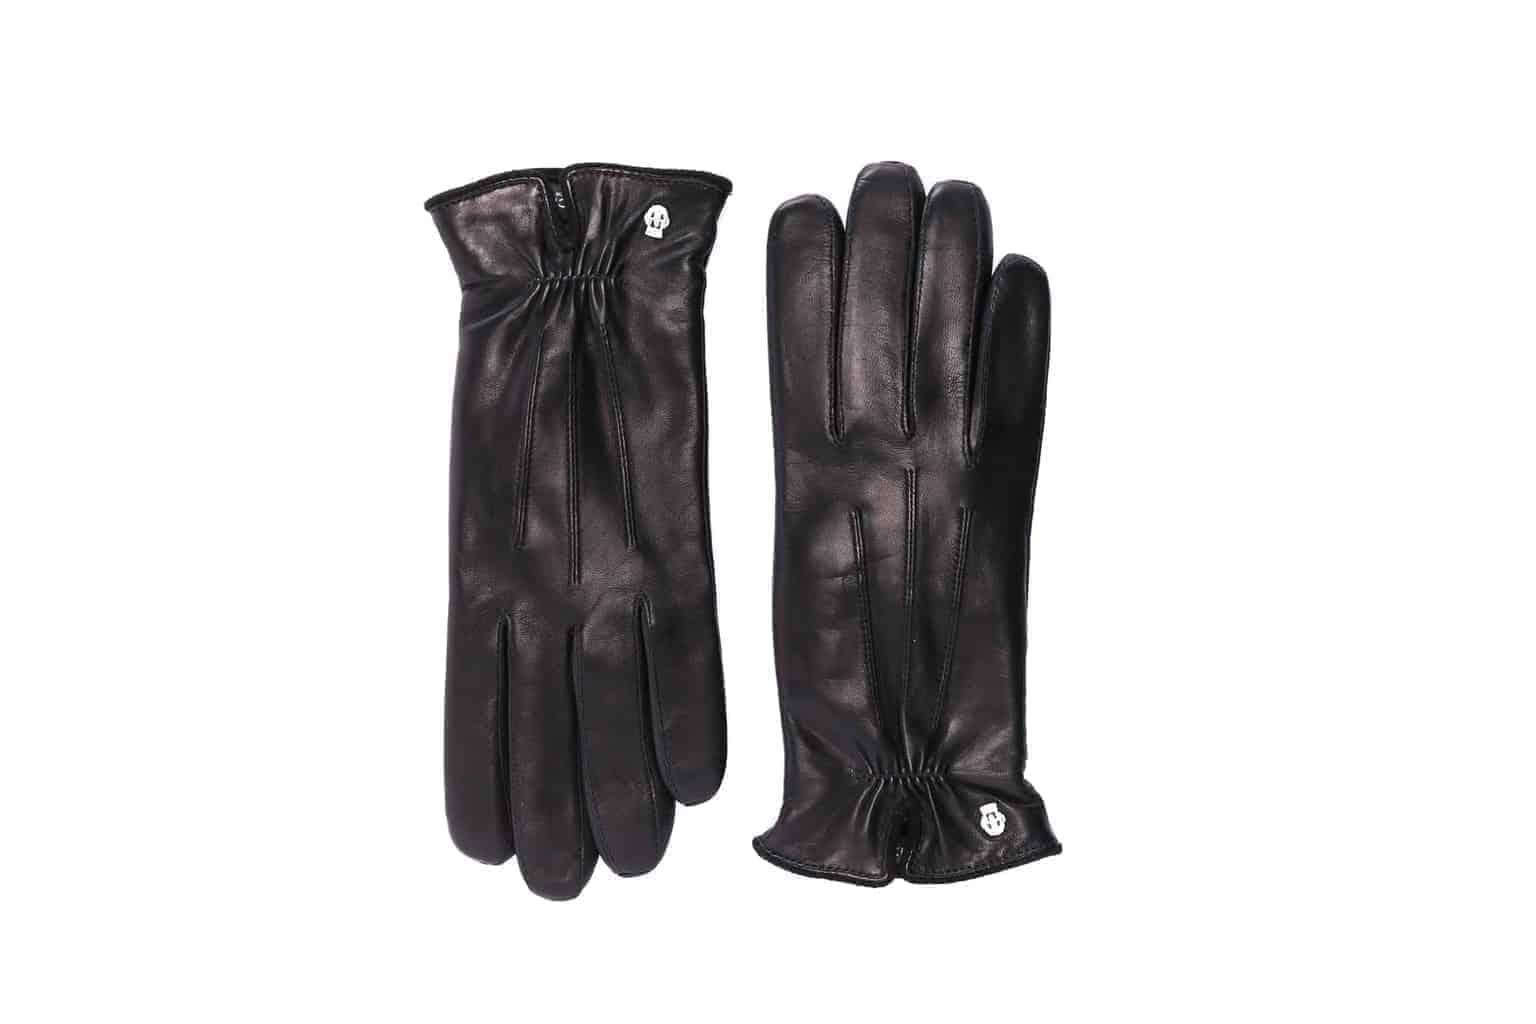 Eksklusive Roeckl-hansker til dame i lammeskinn 13011, sort, oversiden av hanskene